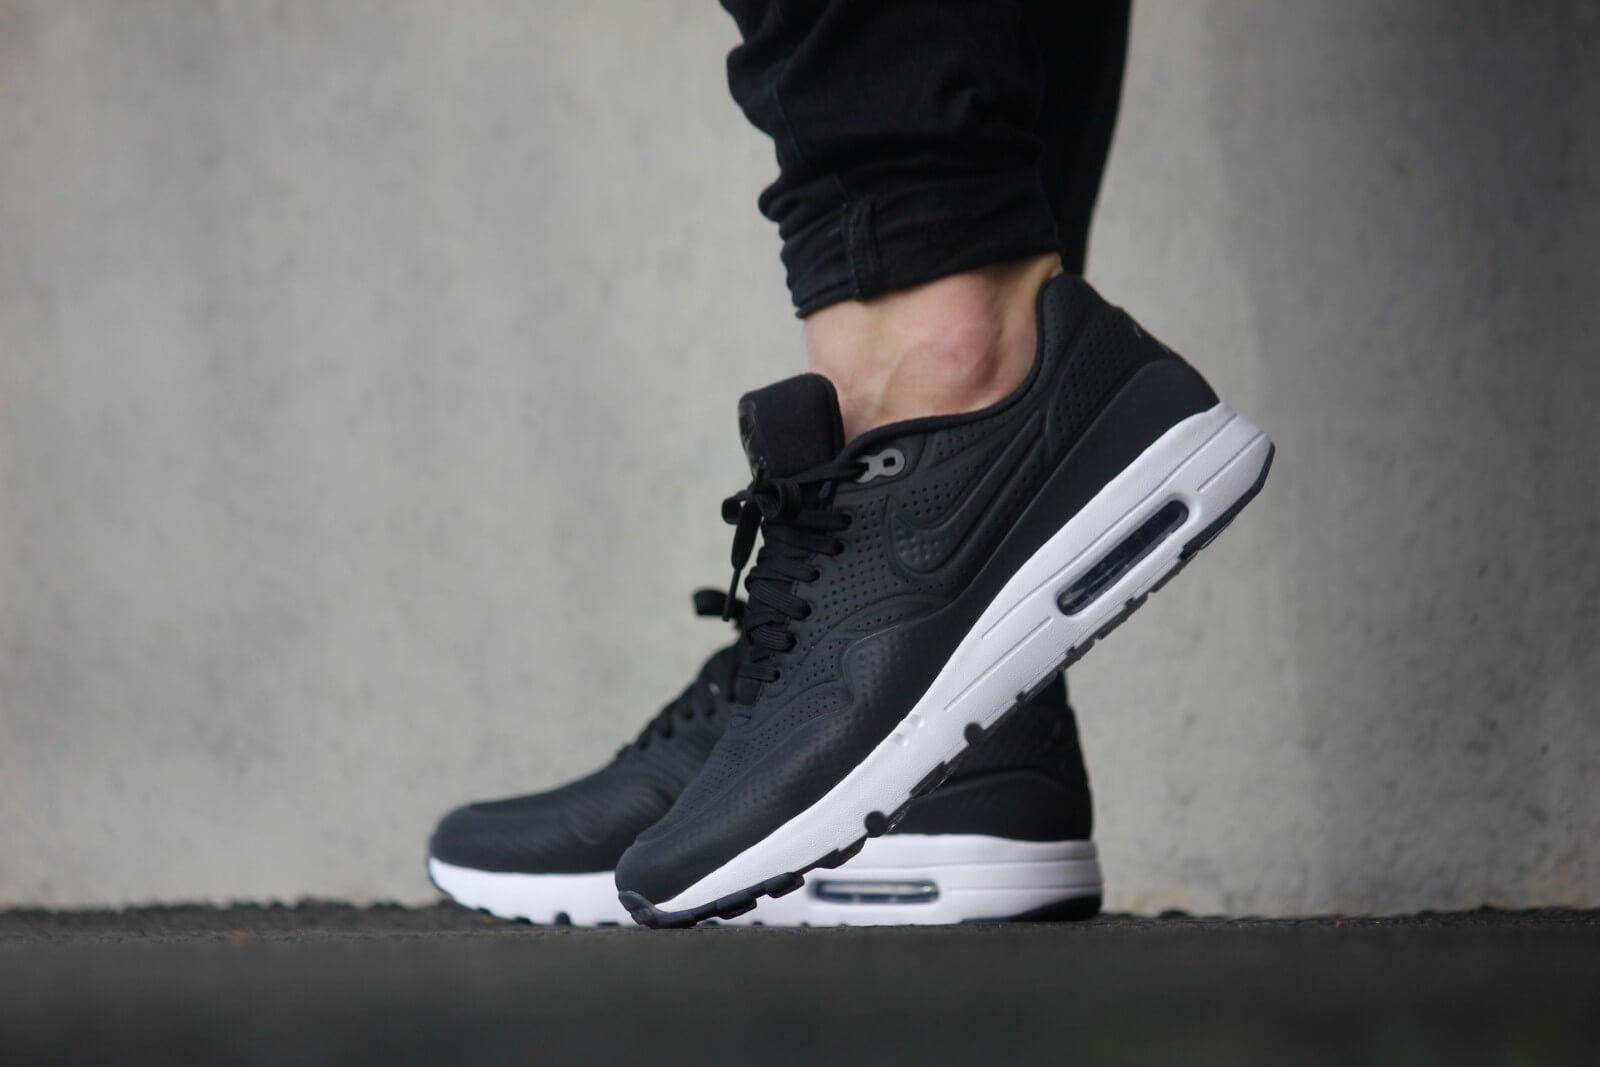 3a24f441d ... Nike Air Max 1 Ultra Moire Black black  White - 705297-013 .